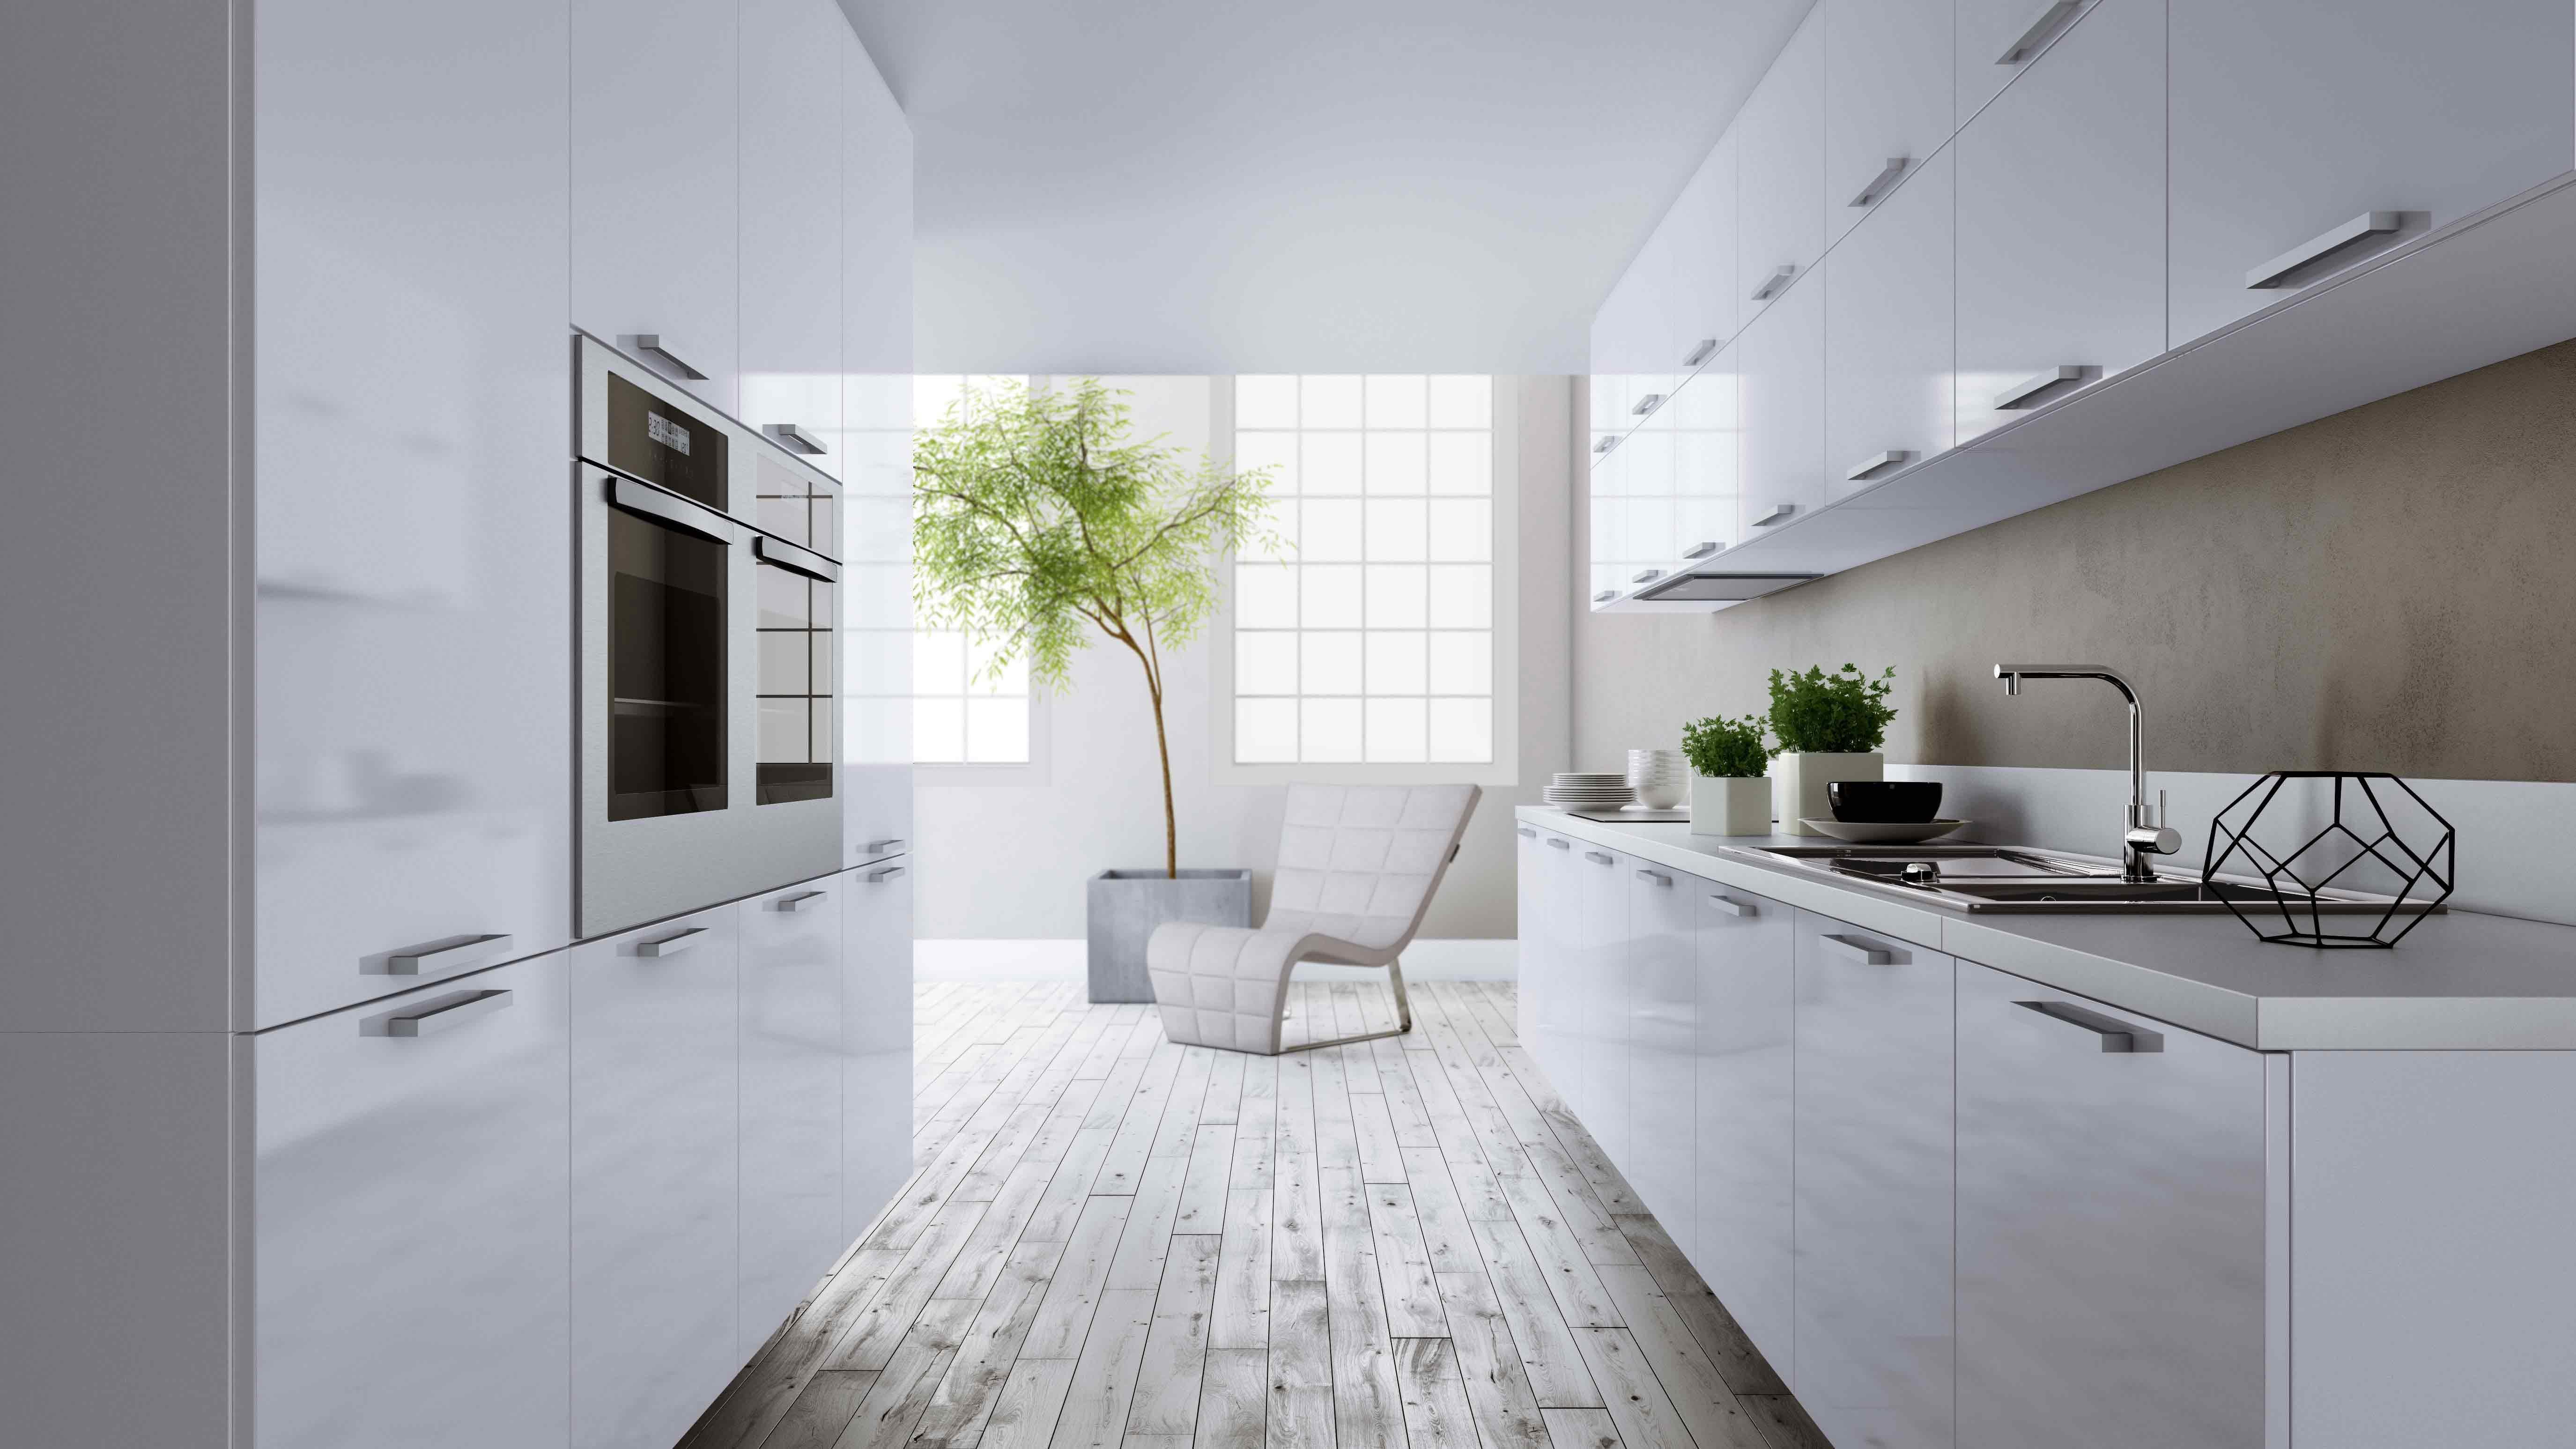 Cozinha Branca Frente – desafio 12 dias